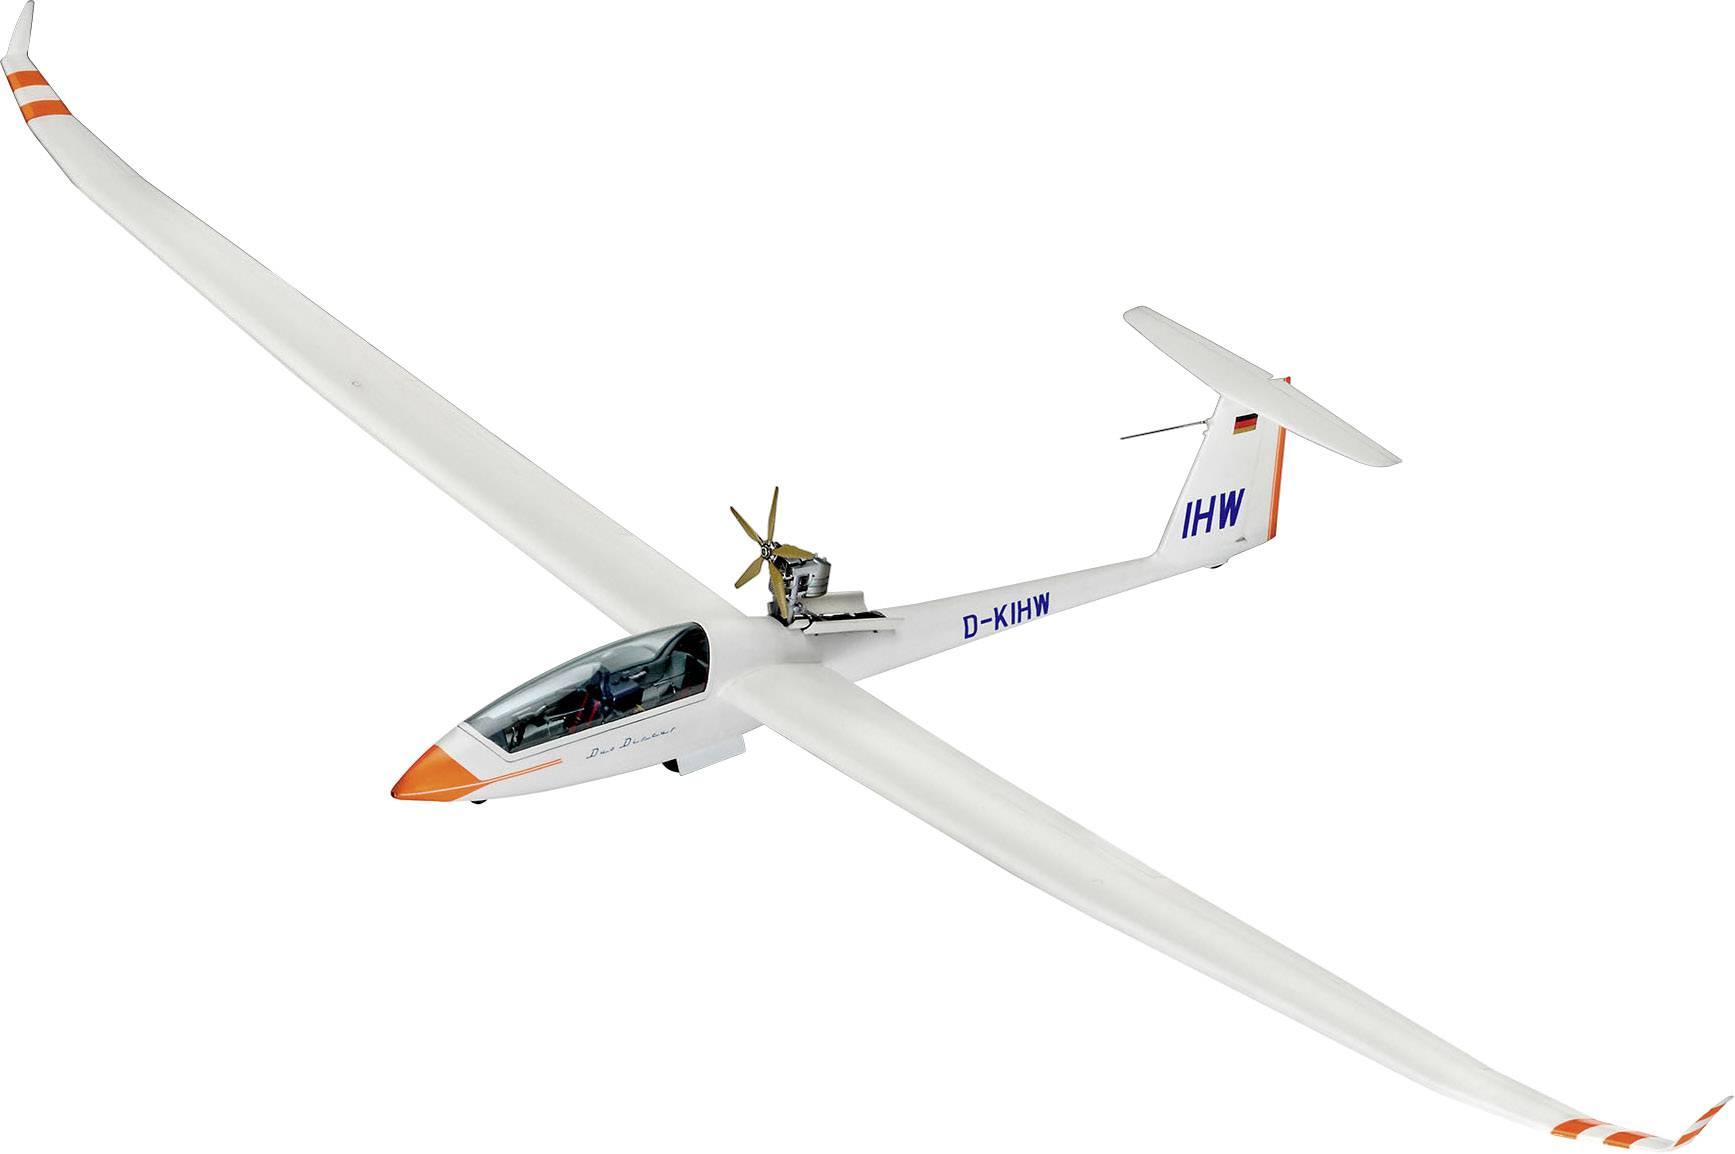 Model letadla, stavebnice Revell 03961 Duo Discus Duo Discus 1:32